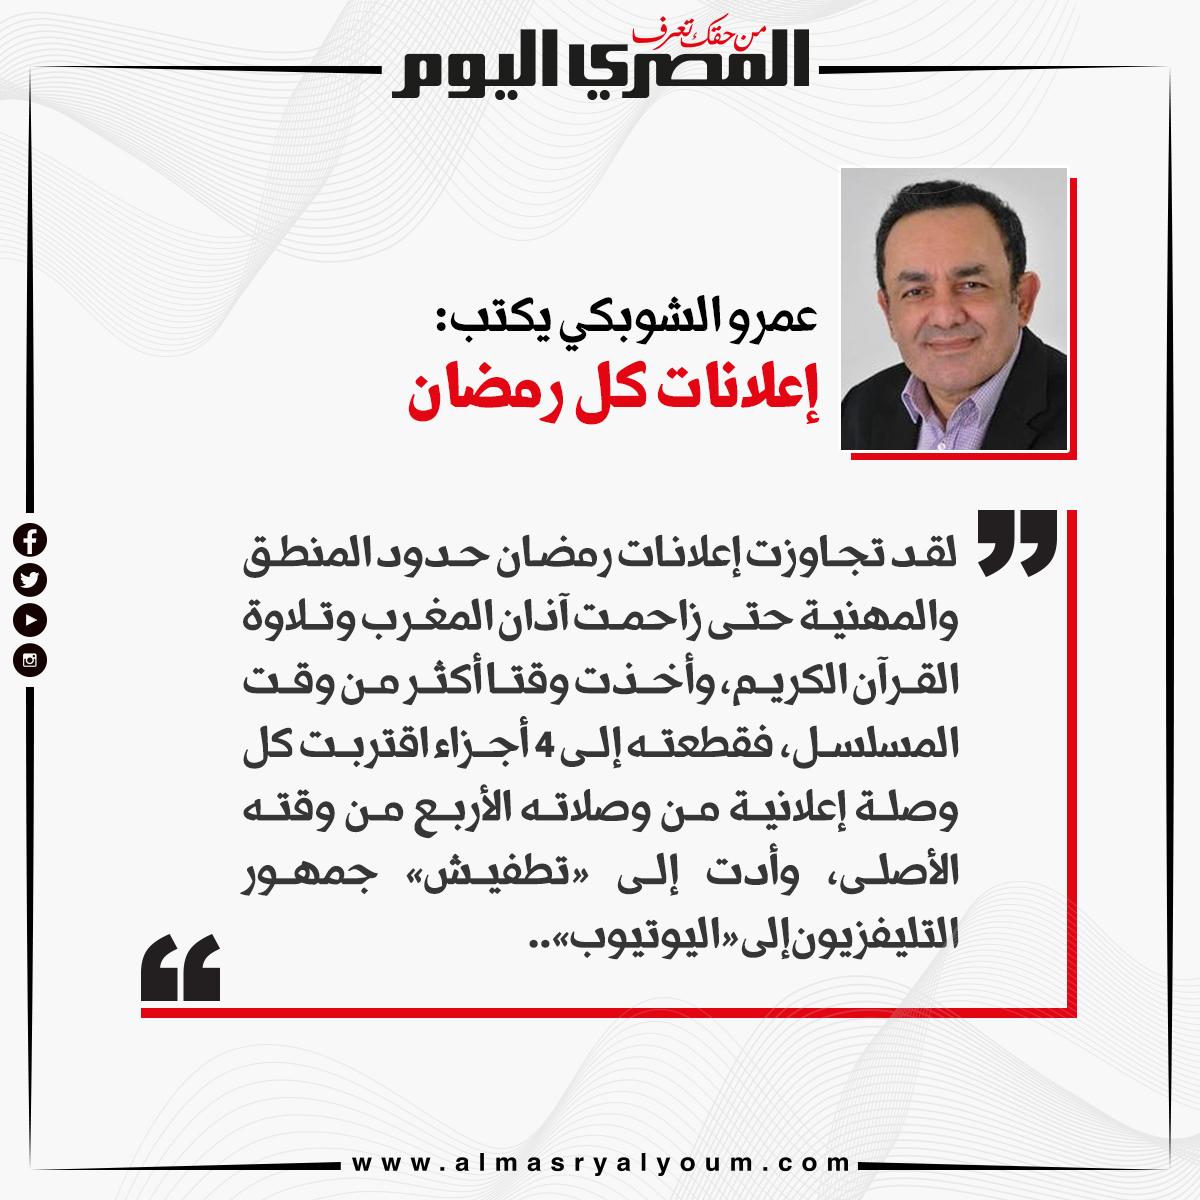 عمرو الشوبكي يكتب إعلانات كل رمضان